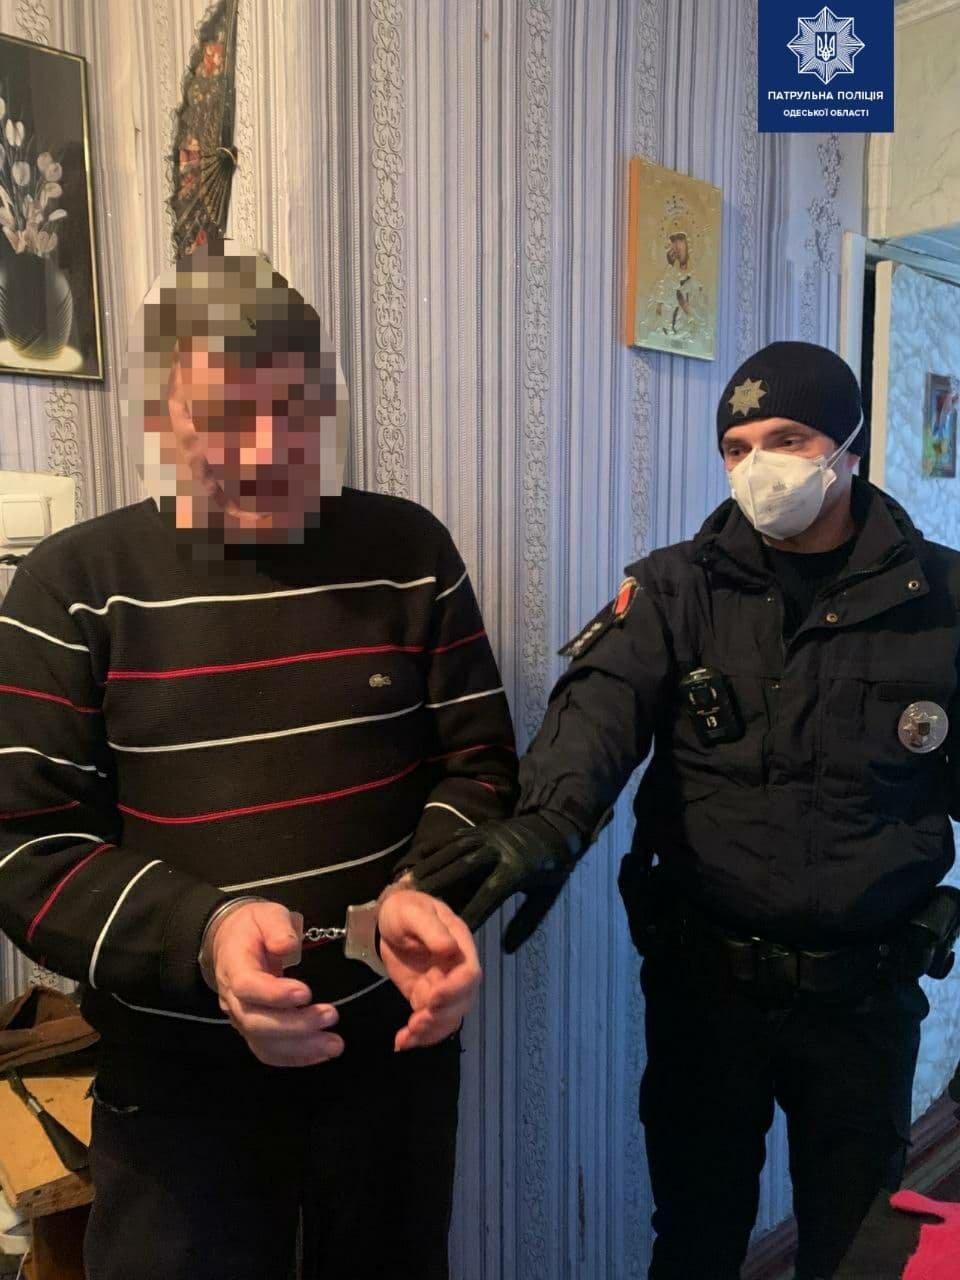 В Одессе отец смертельно ранил сына во время застолья, - ФОТО, фото-1